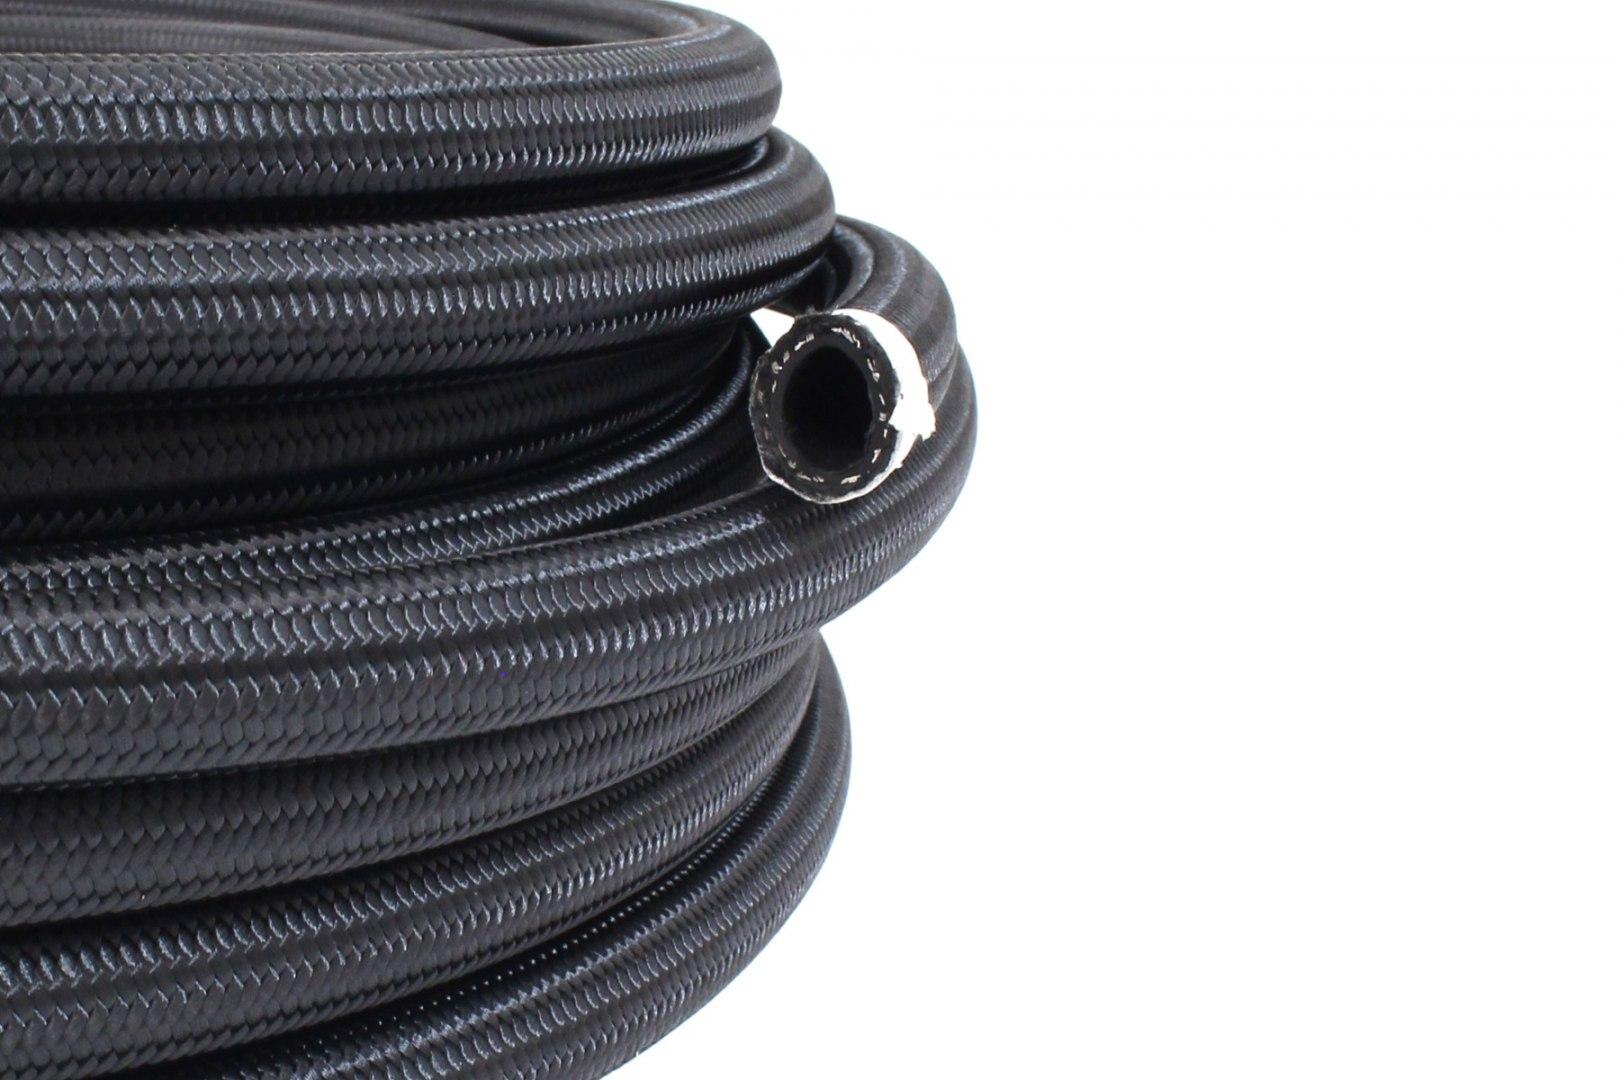 Przewód AN8 11mm CPE oplot nylonowy - GRUBYGARAGE - Sklep Tuningowy